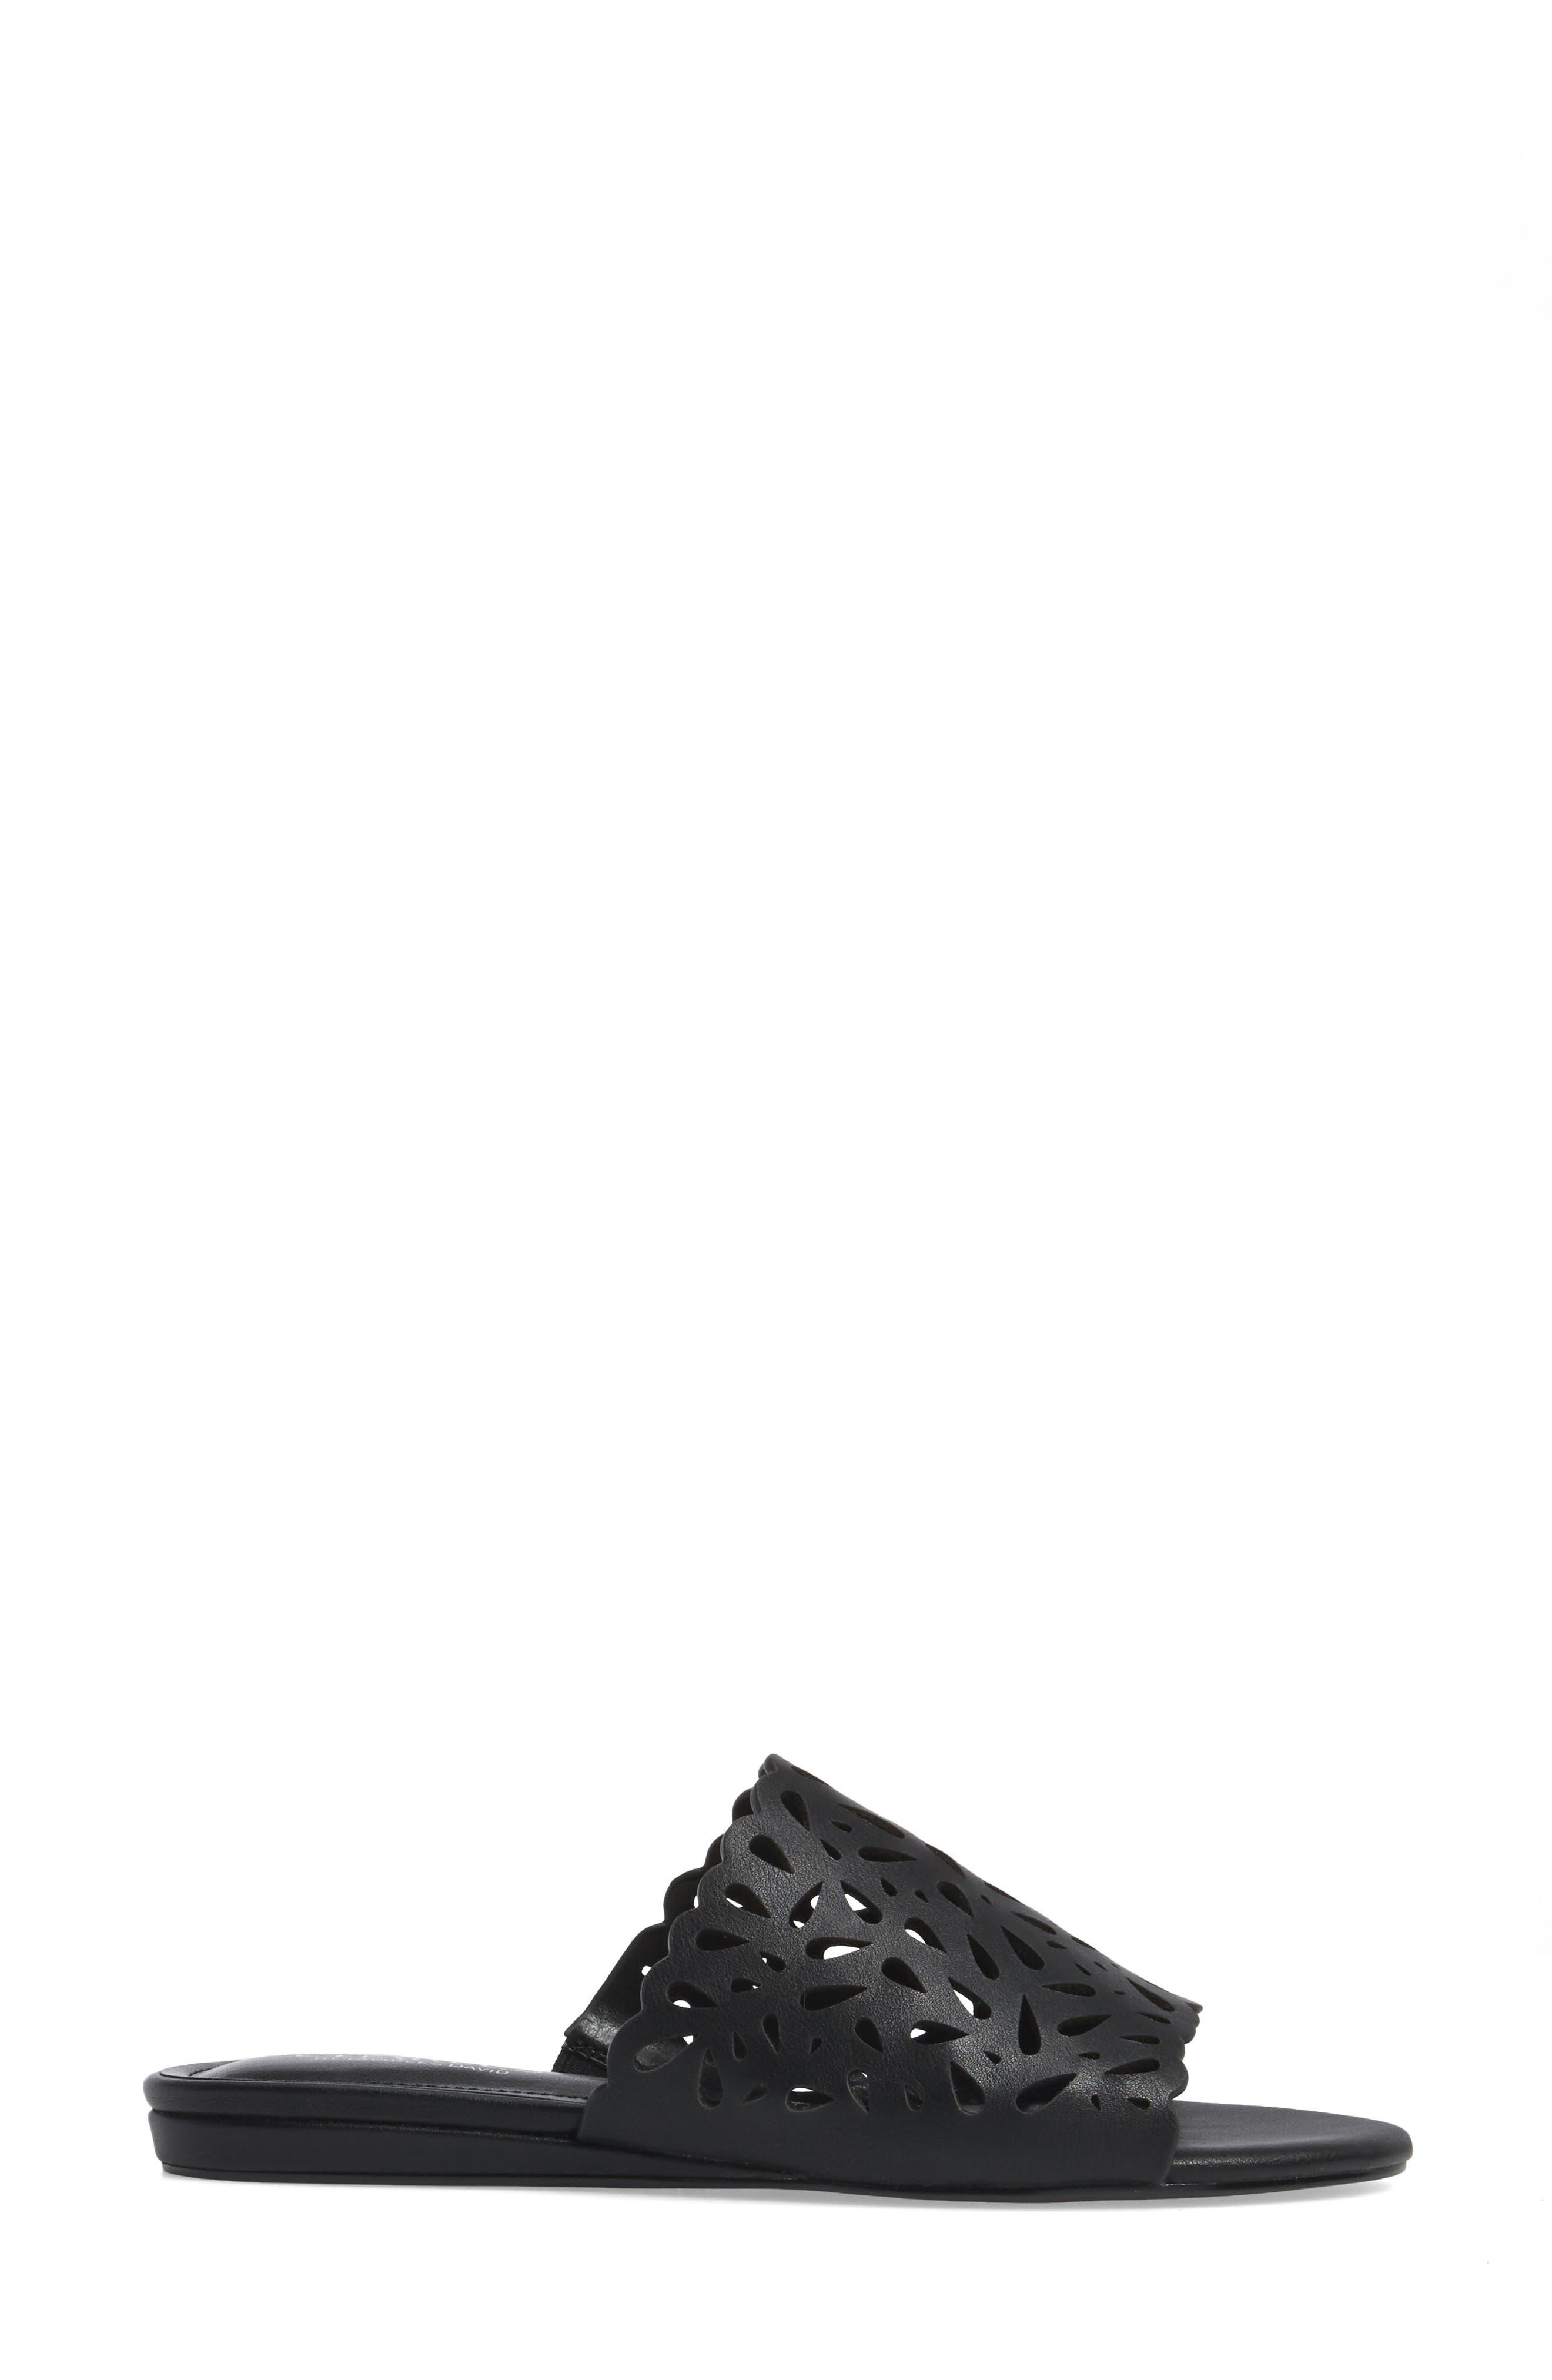 Alternate Image 3  - Charles by Charles David Model Slide Sandal (Women)